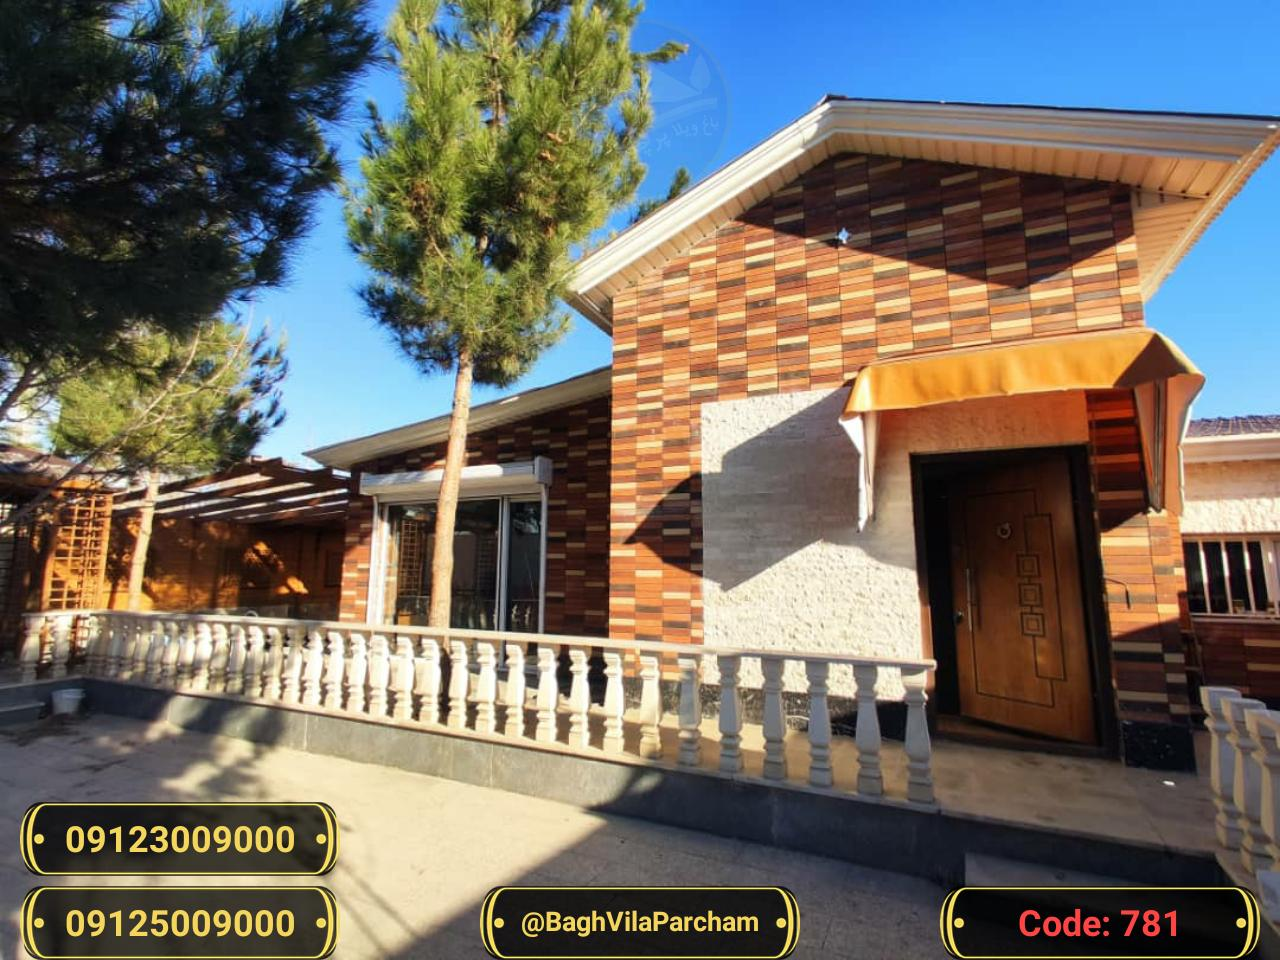 تصویر عکس باغ ویلا شماره 7 از ویلای ۱۰۵۰ متر ویلا Picture photo image 7 of ۱۰۵۰ متر ویلا